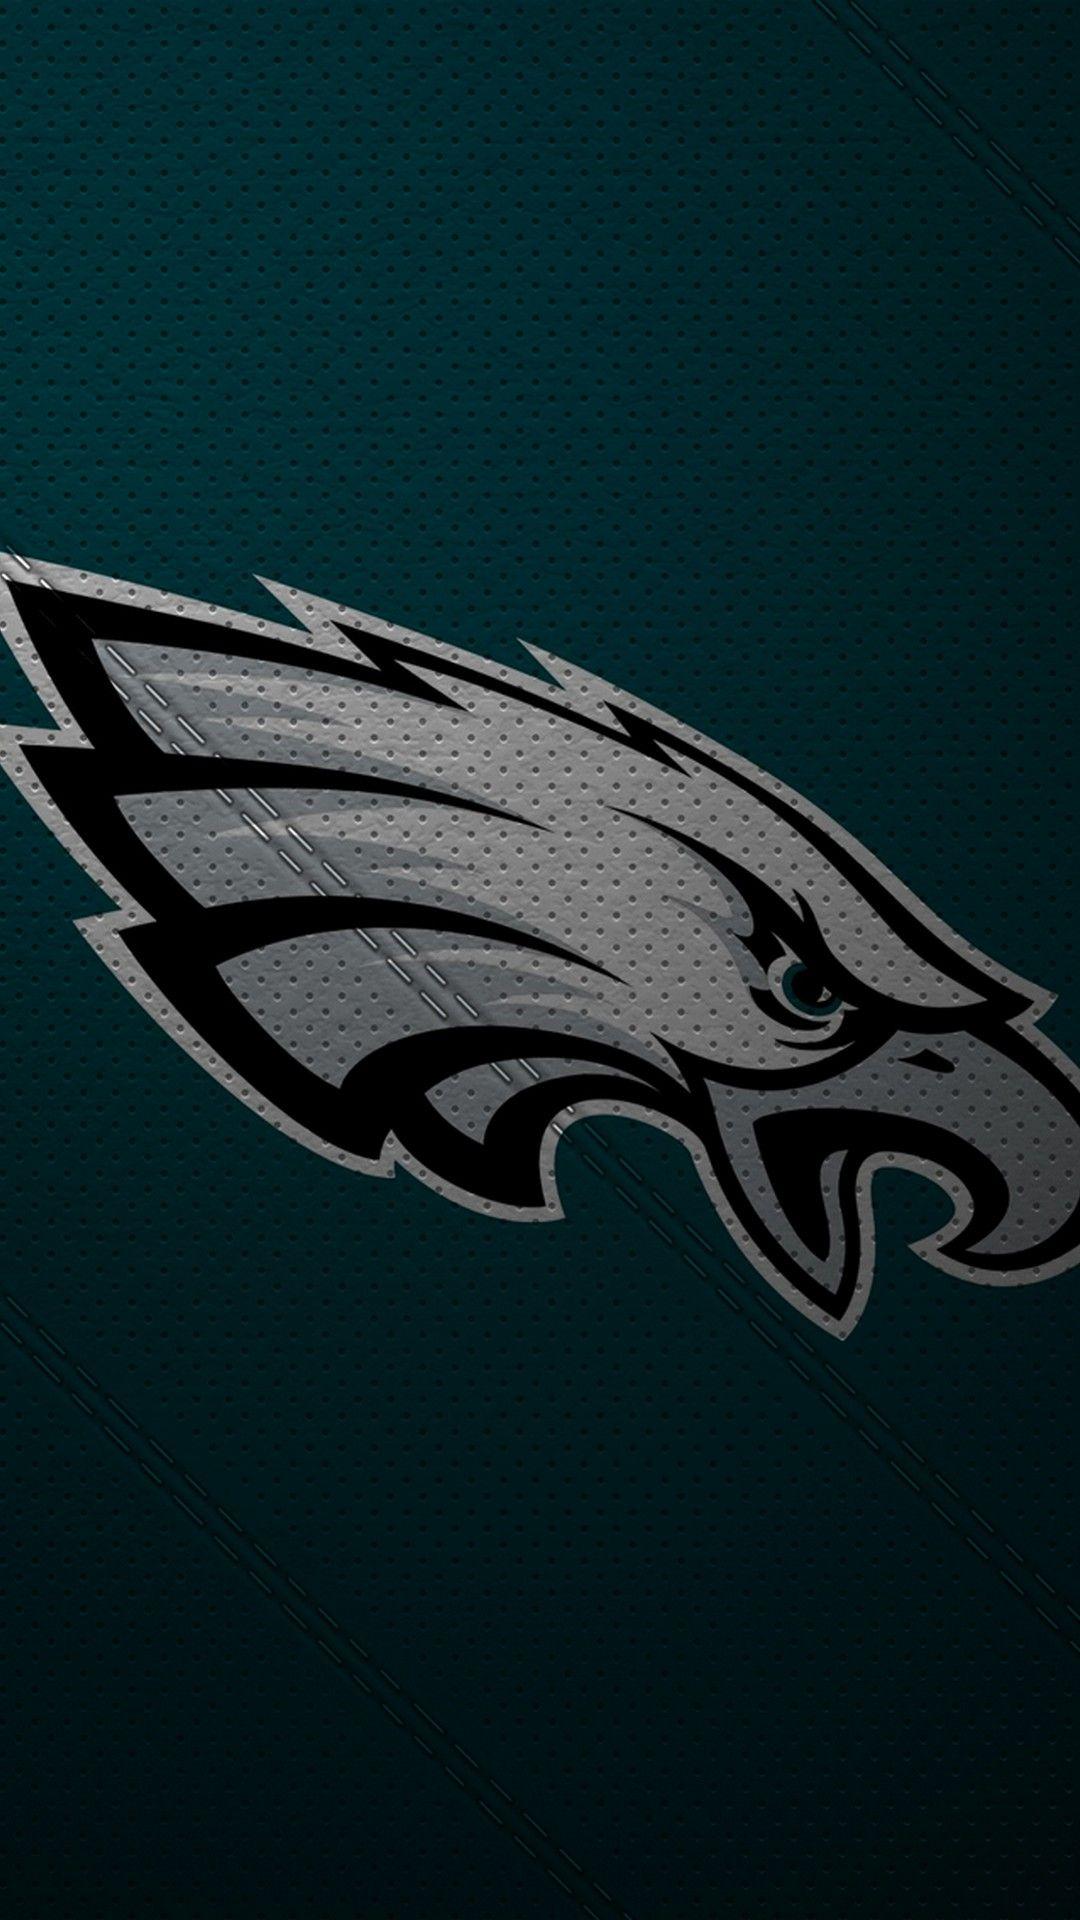 Eagles Iphone 8 Wallpaper 2021 Nfl Football Wallpapers Philadelphia Eagles Wallpaper Philadelphia Eagles Eagles